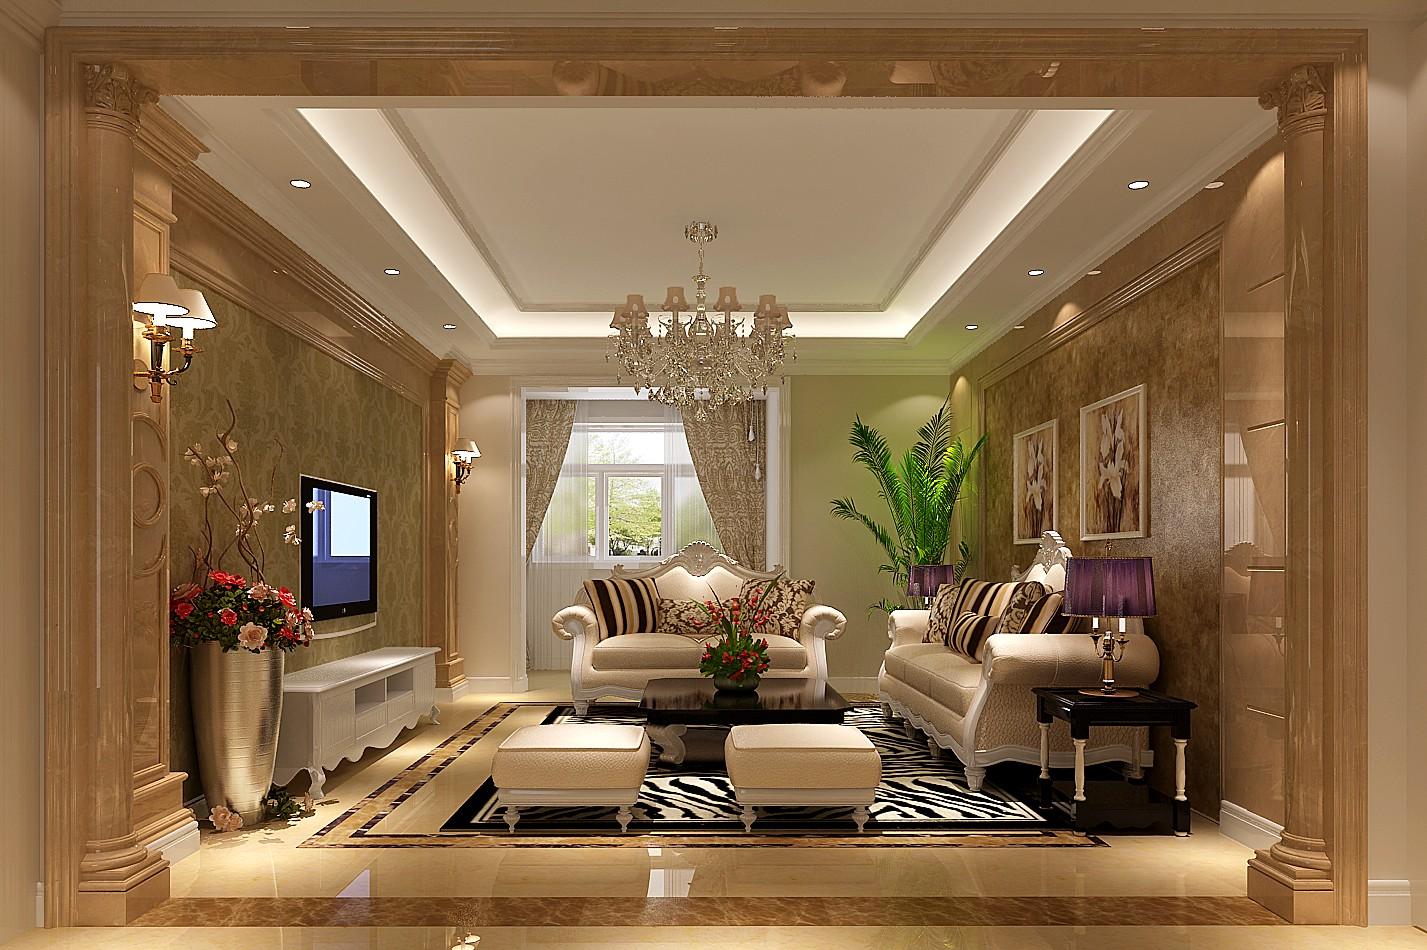 欧式 三居 客厅图片来自高度国际装饰设计集团凌军在中景未山赋130平米欧式风格的分享